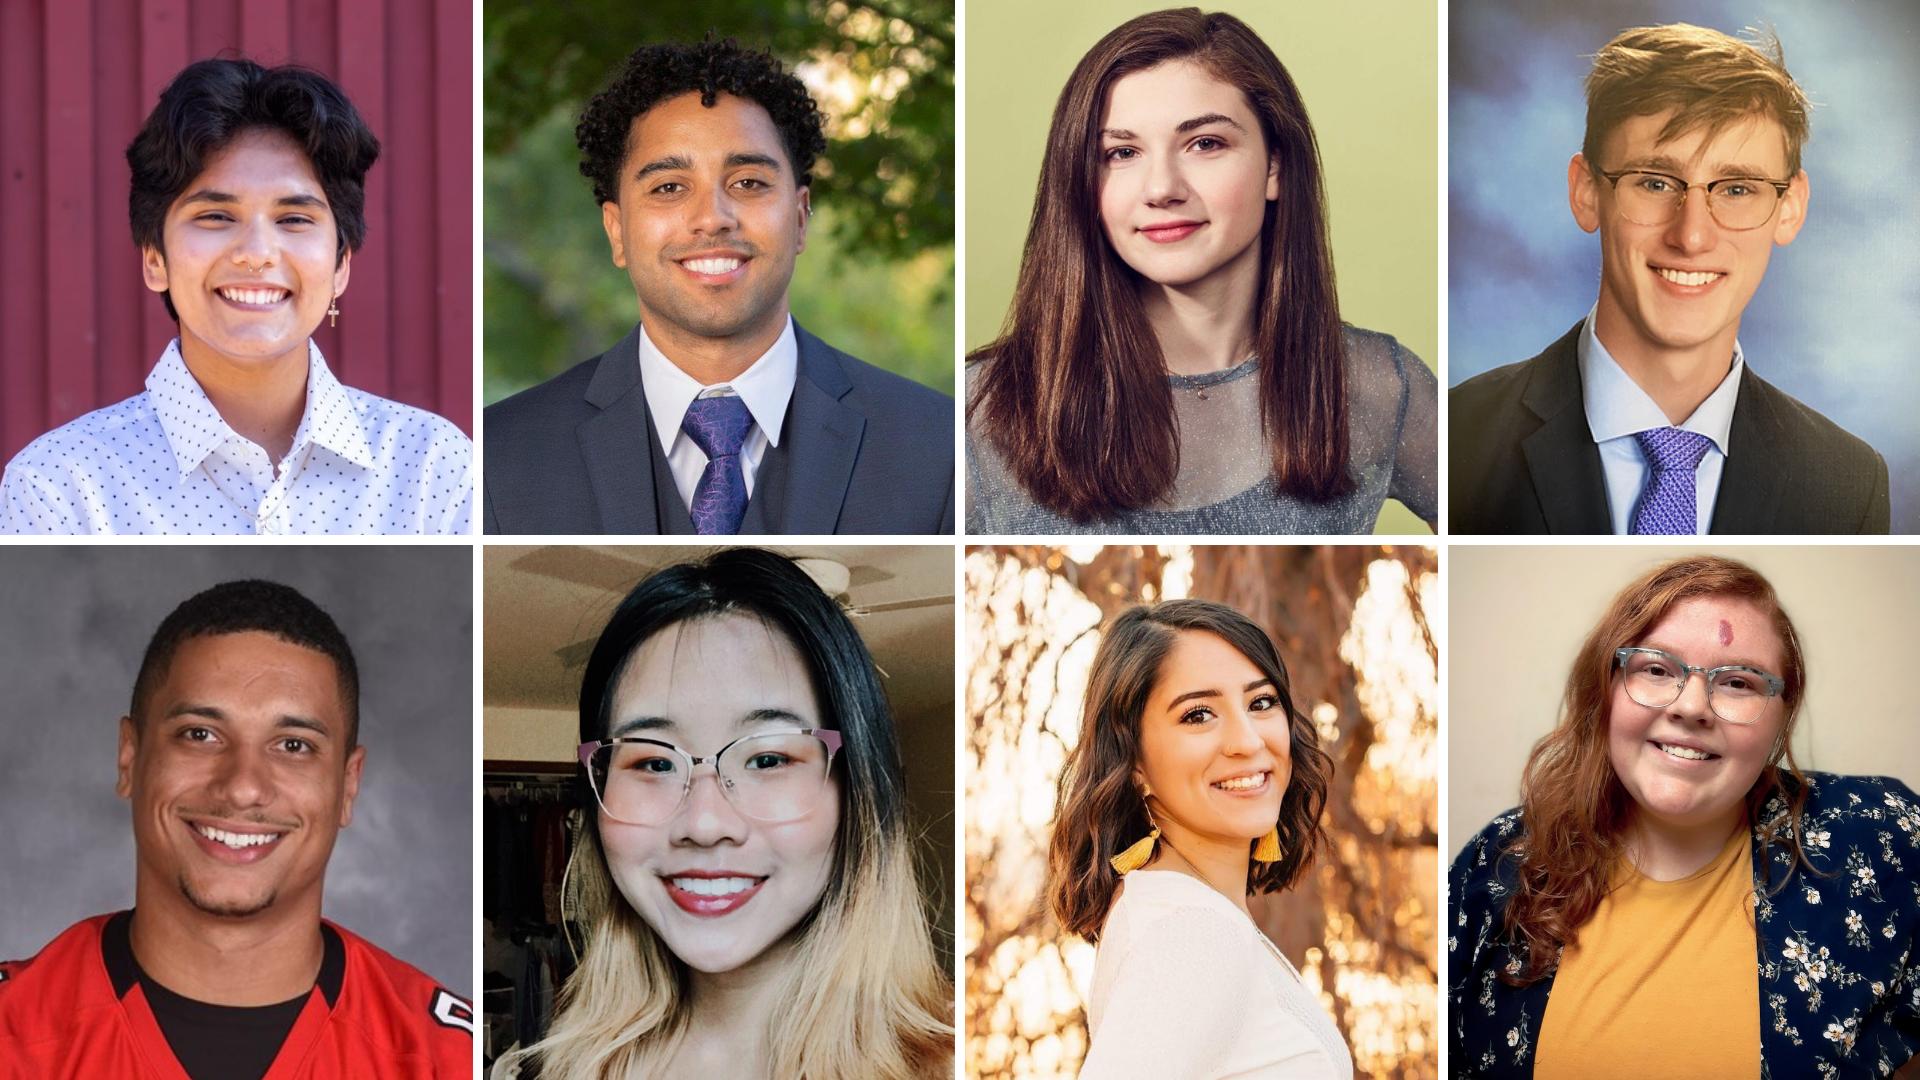 8 student leaders